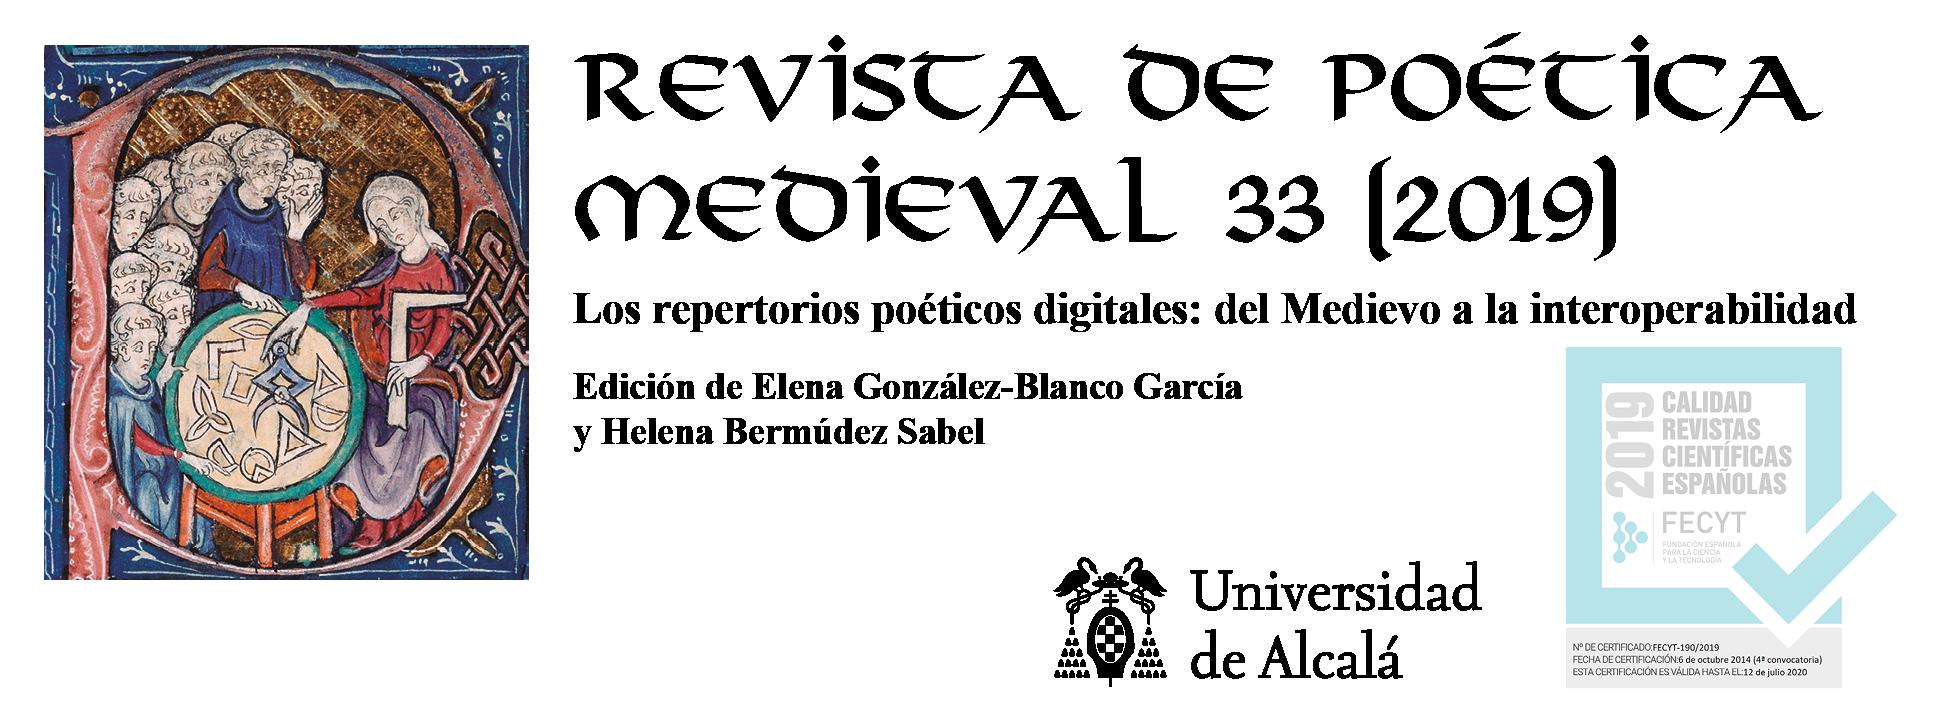 Número especial de laRevista de Poética Medievalsobre los repertorios poéticos digitales, coordinado por Elena González-Blanco y Helena Bermúdez